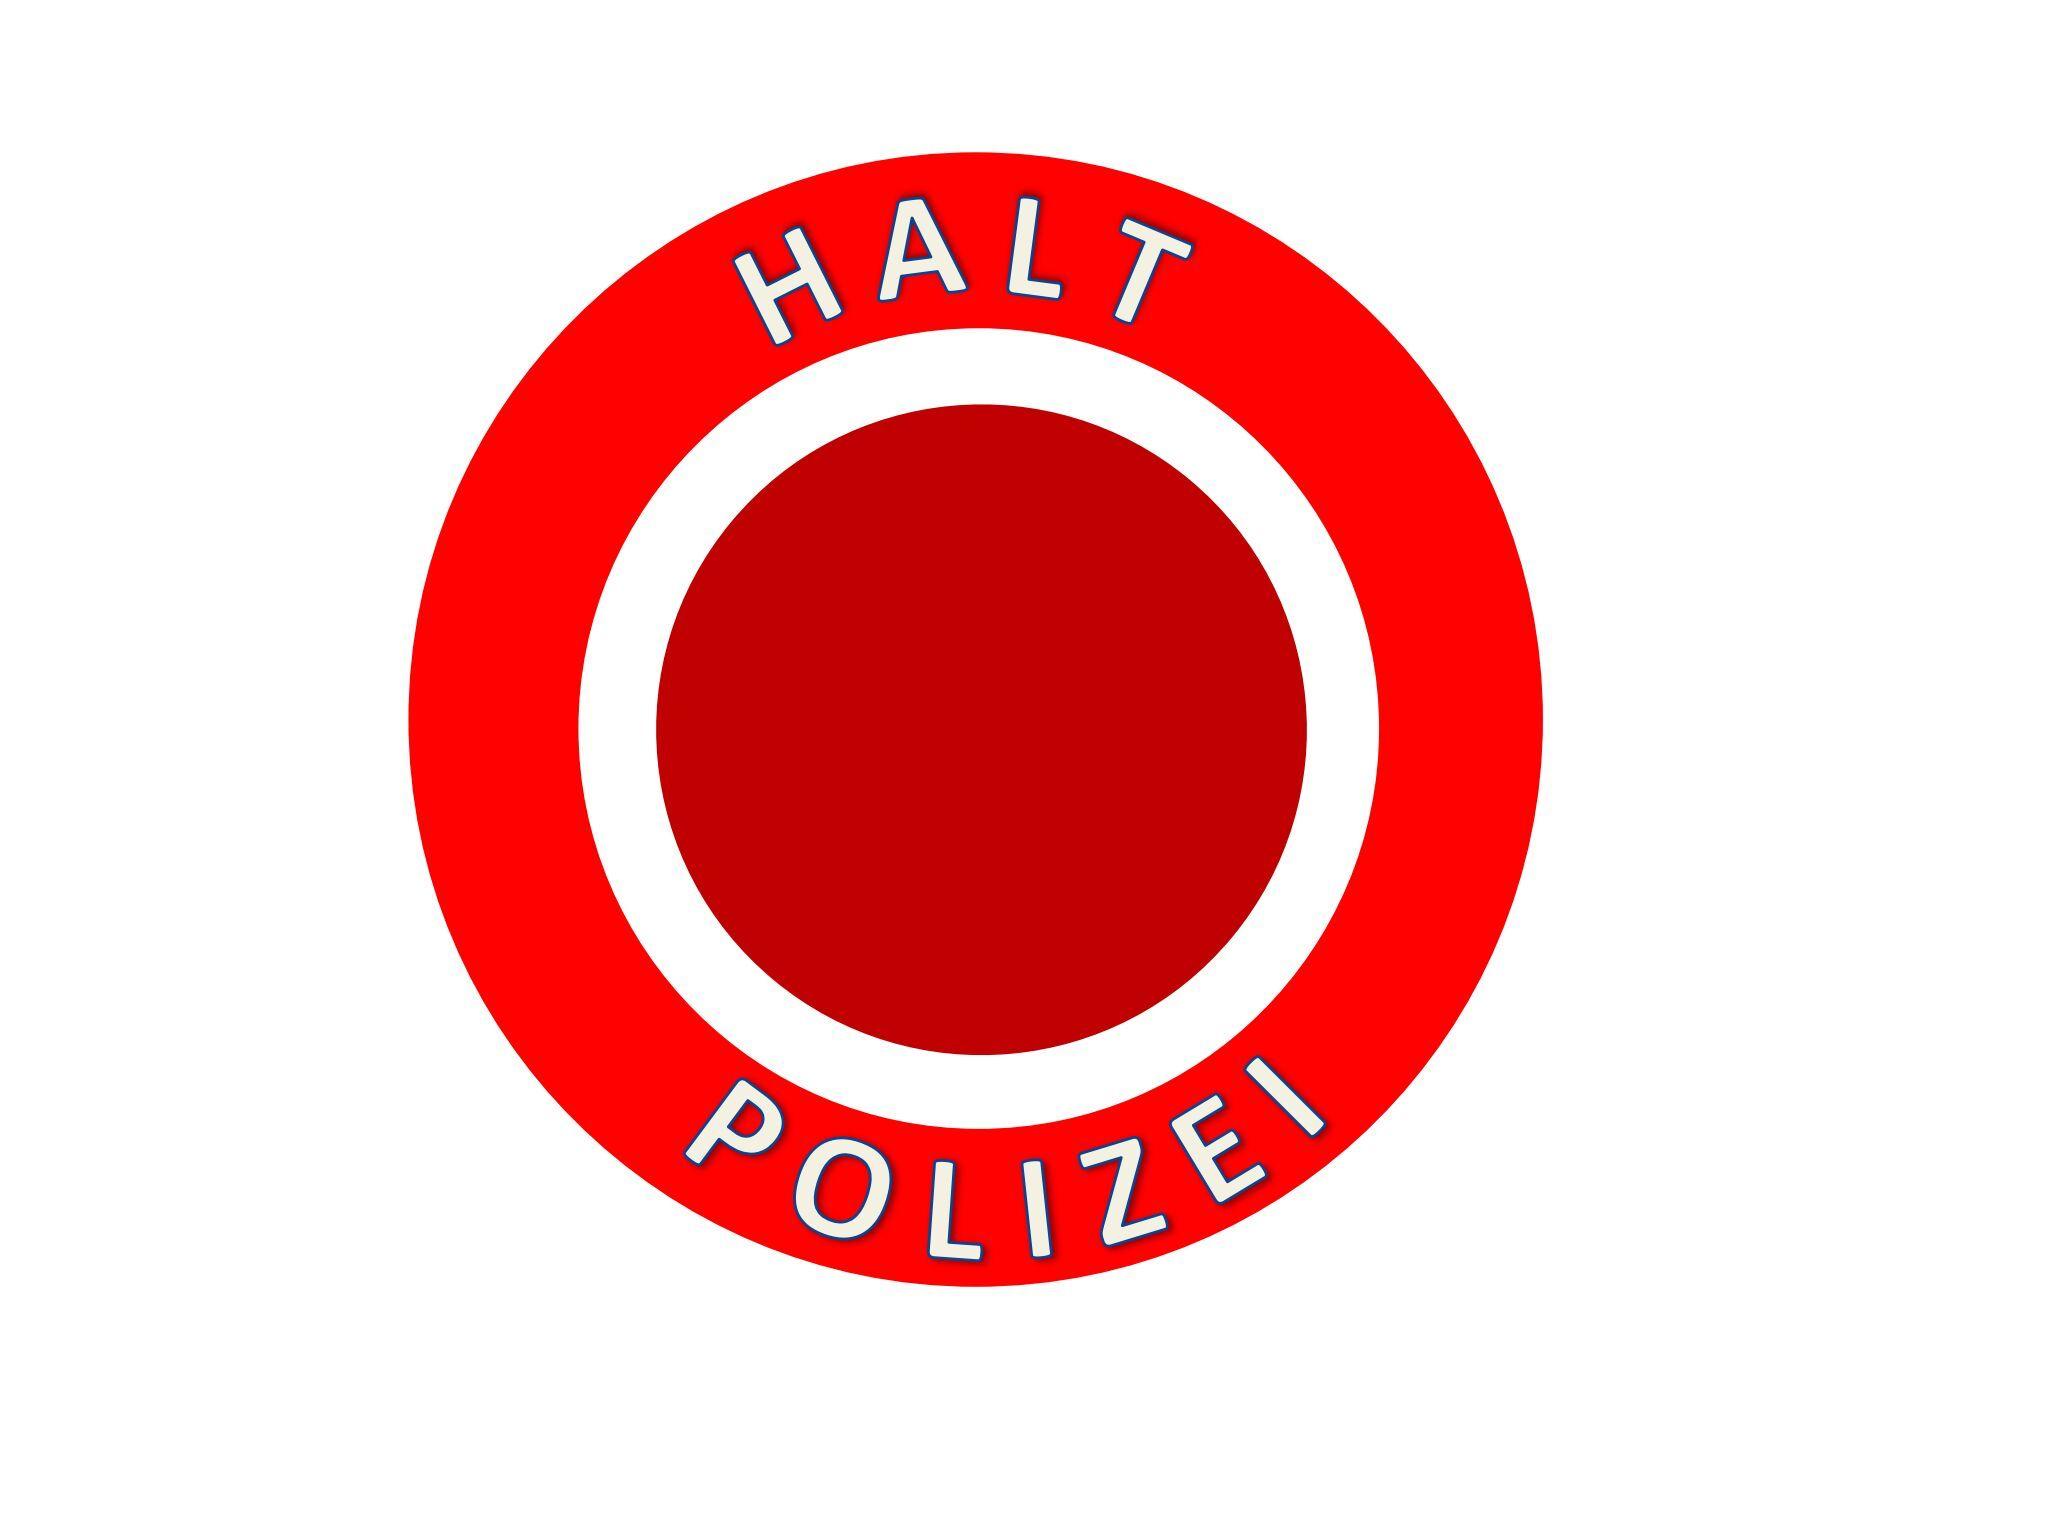 Polizeikelle Malvorlage